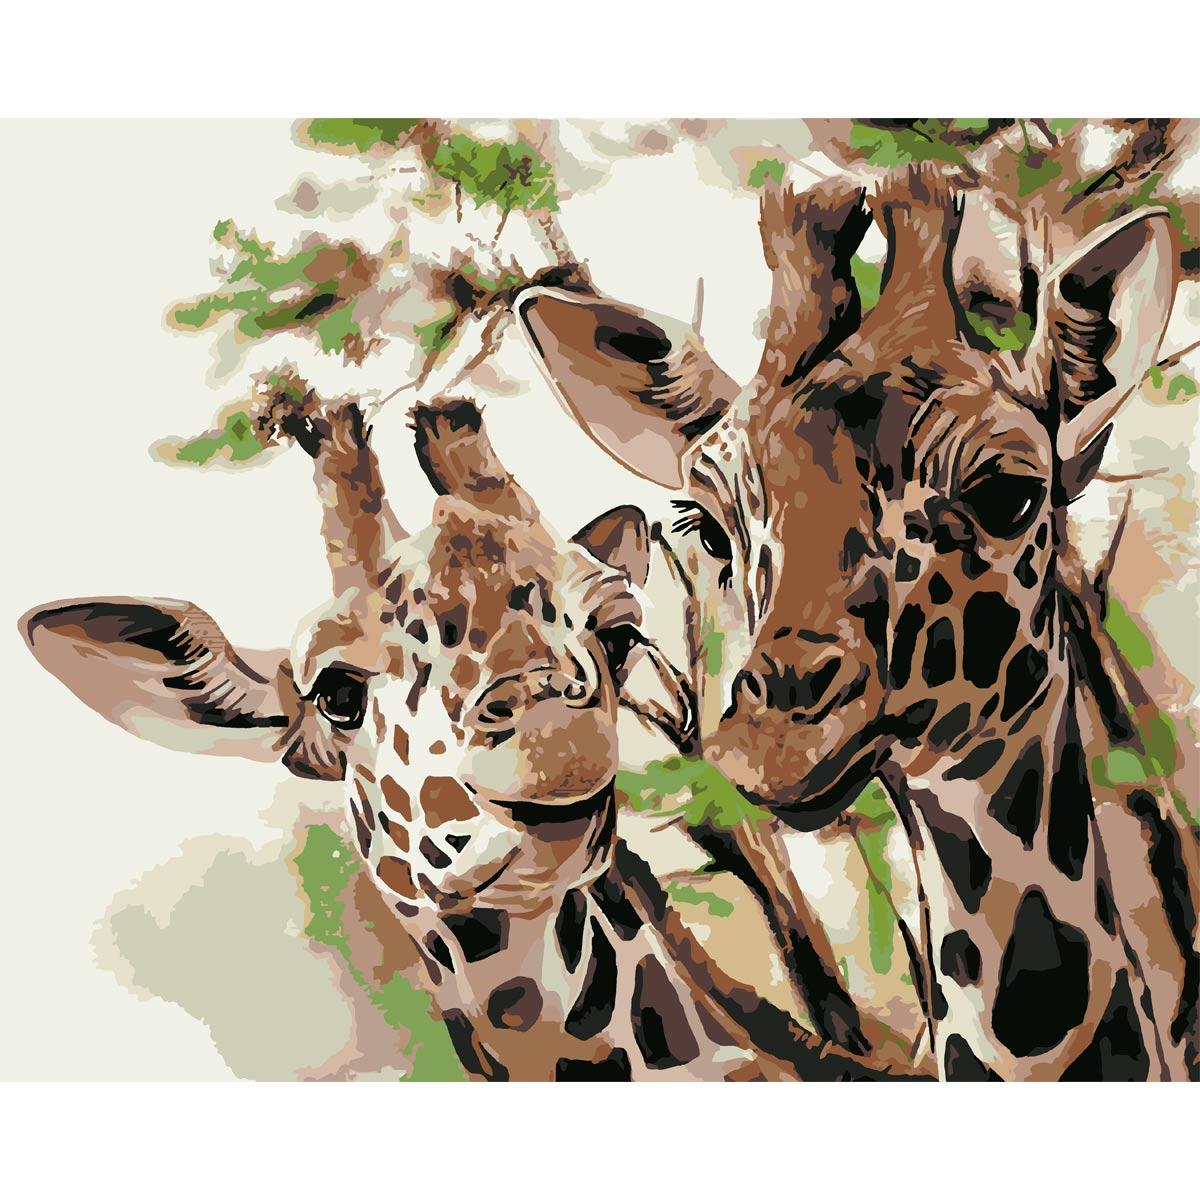 HS0460 Набор для рисования по номерам 'Два жирафа' 40*50см